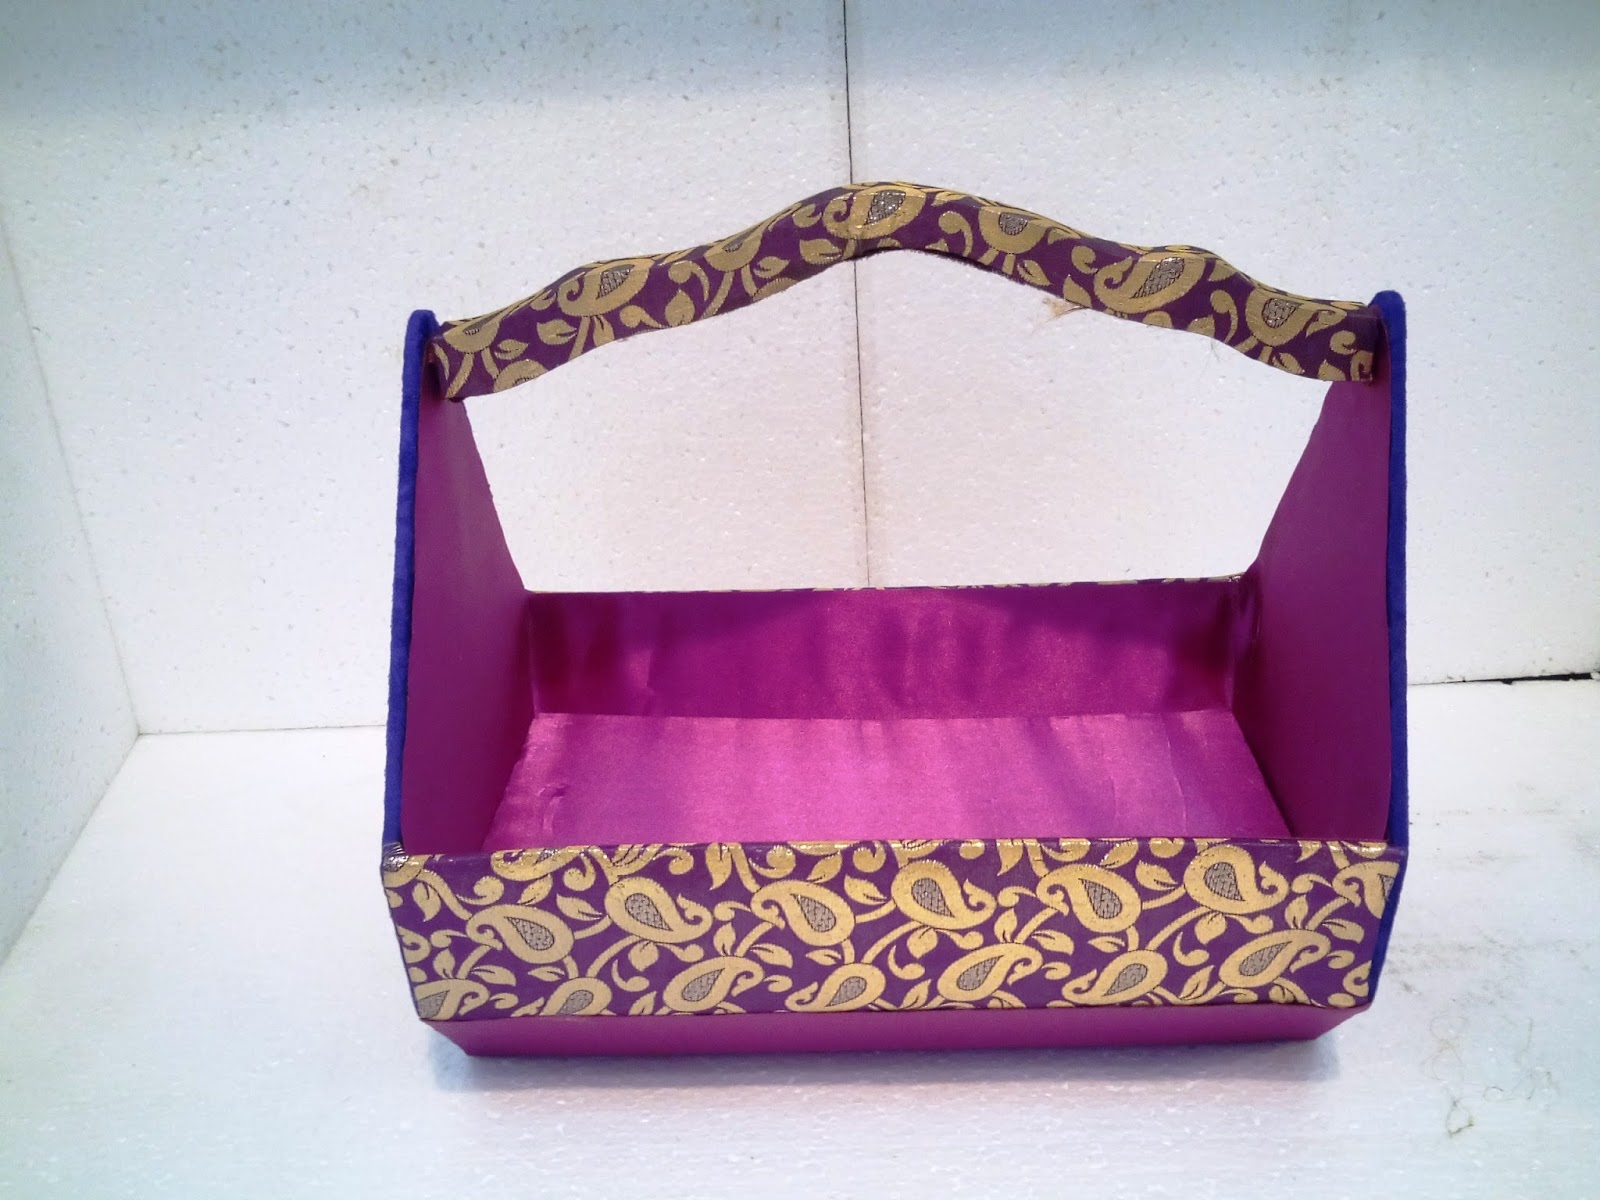 Wedding basket, gift basket, fancy basket, decorative basket, metal ...